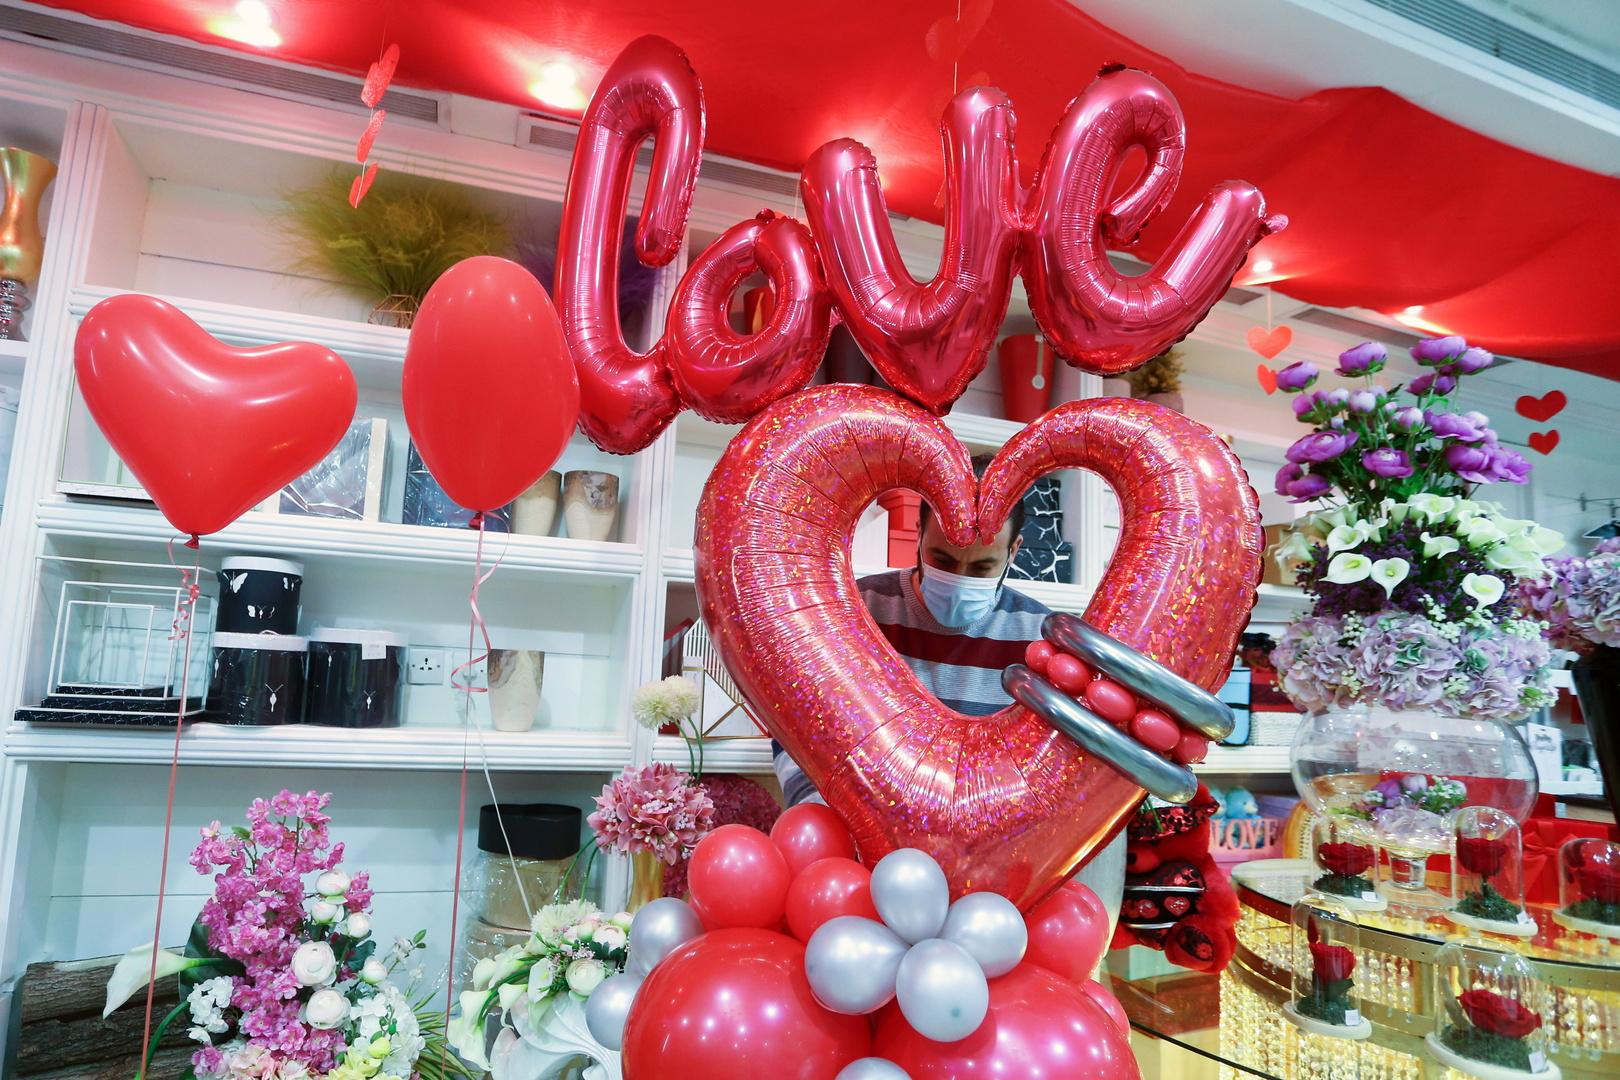 في عيد الحب.. امرأة تمنح زوجها هدية غريبة وتحصد أكثر من 4 ملايين مشاهدة